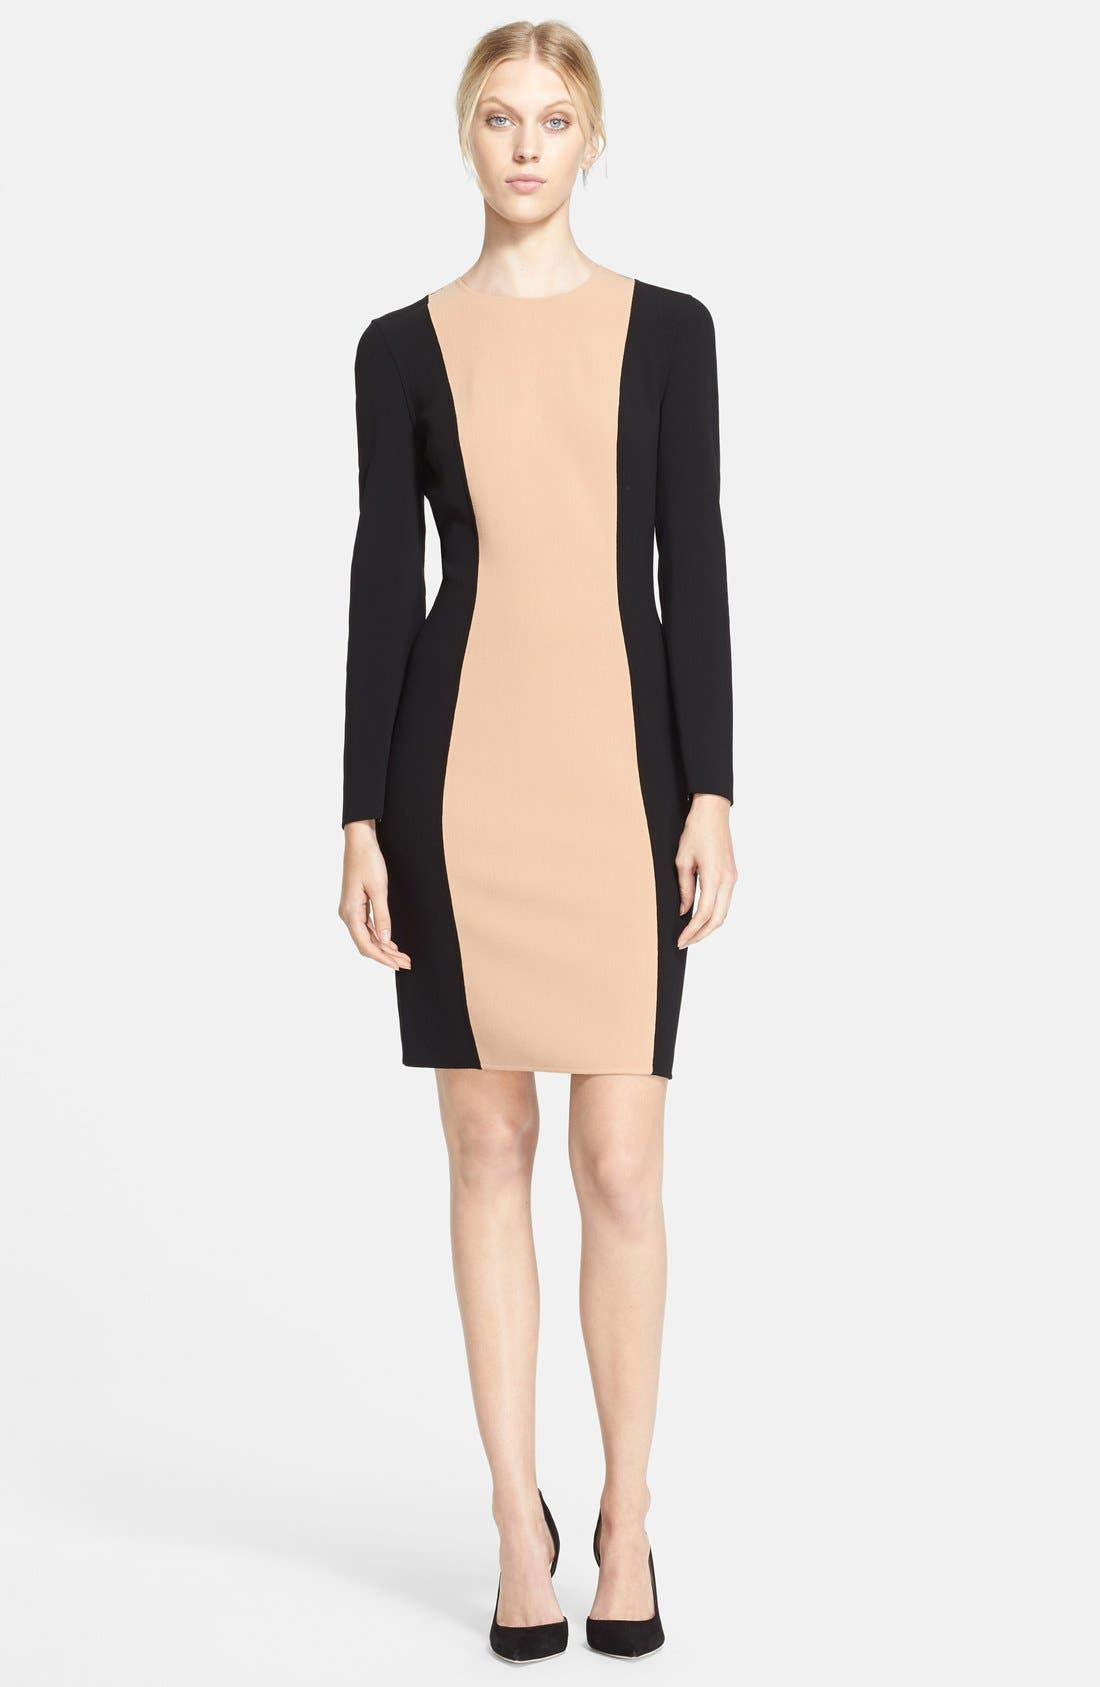 Alternate Image 1 Selected - Michael Kors Colorblock Crepe Dress